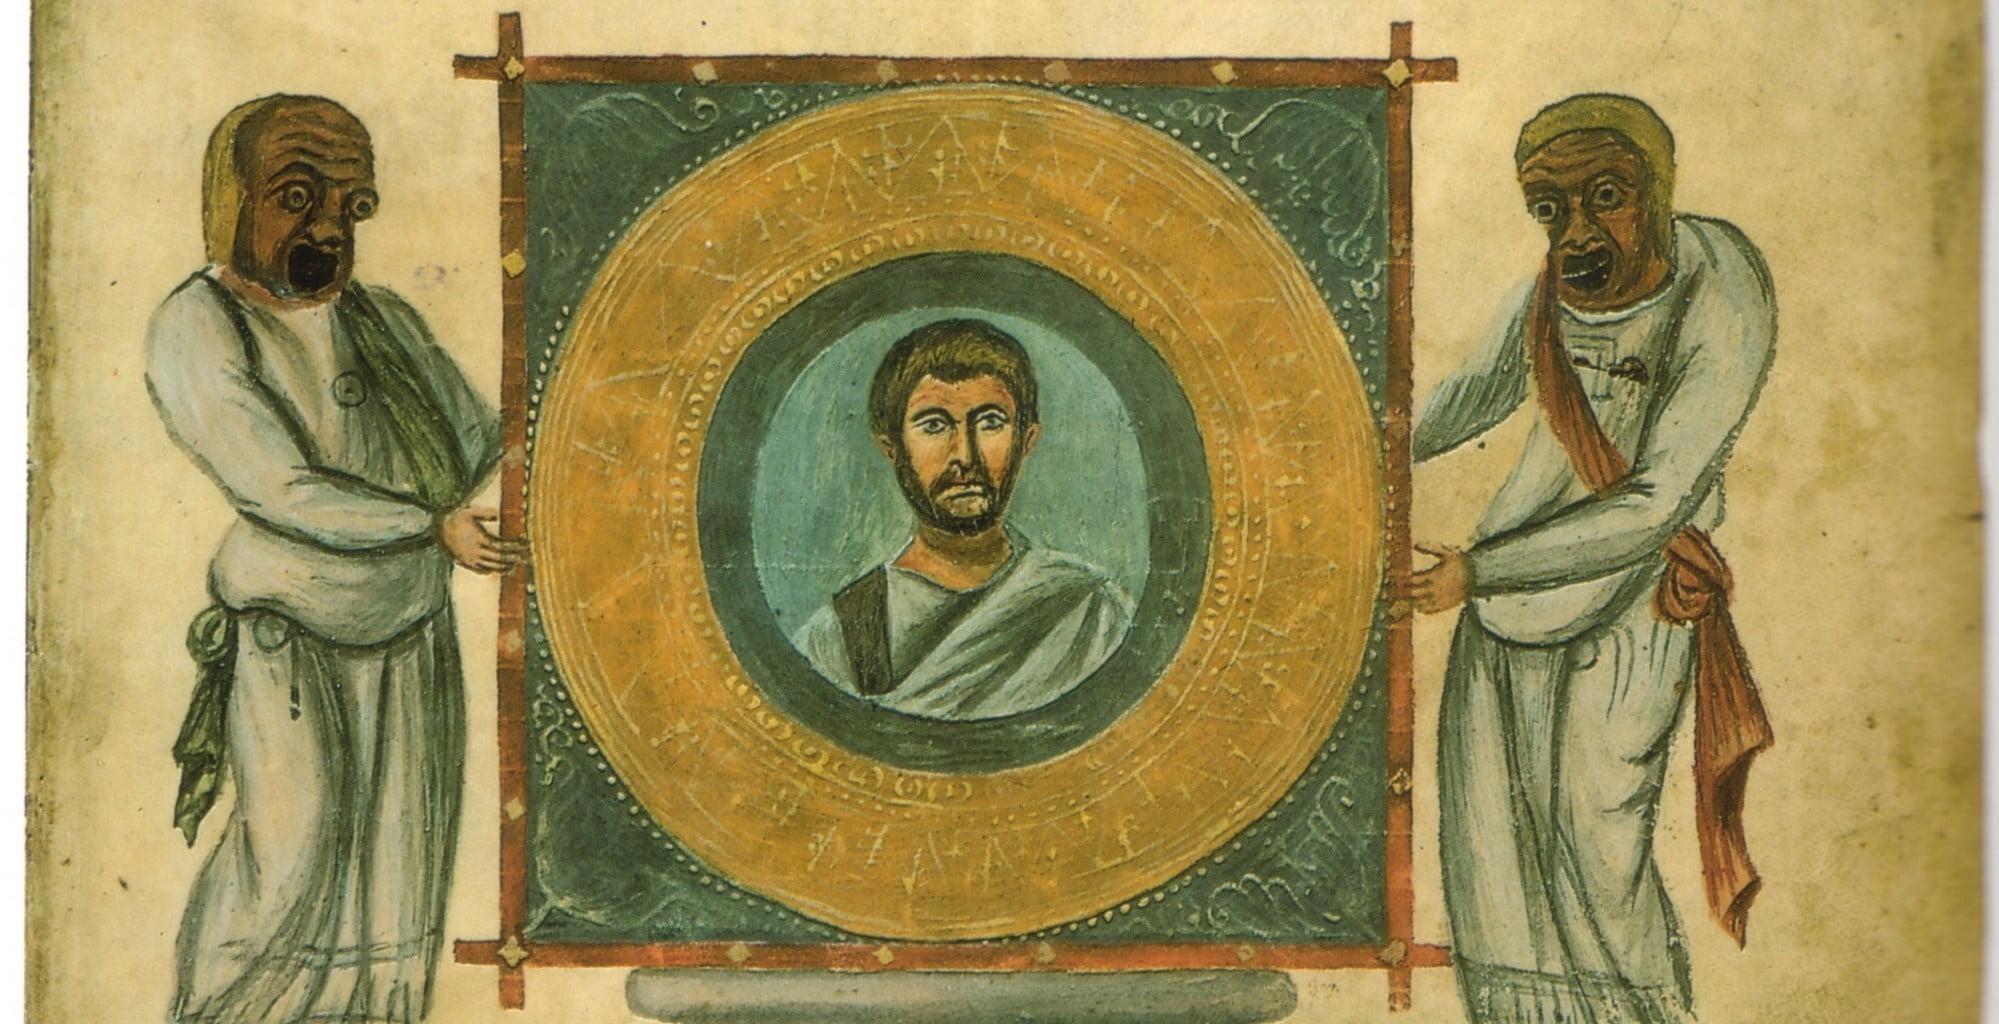 De vijf invloedrijkste Amazigh personen in de wereldgeschiedenis